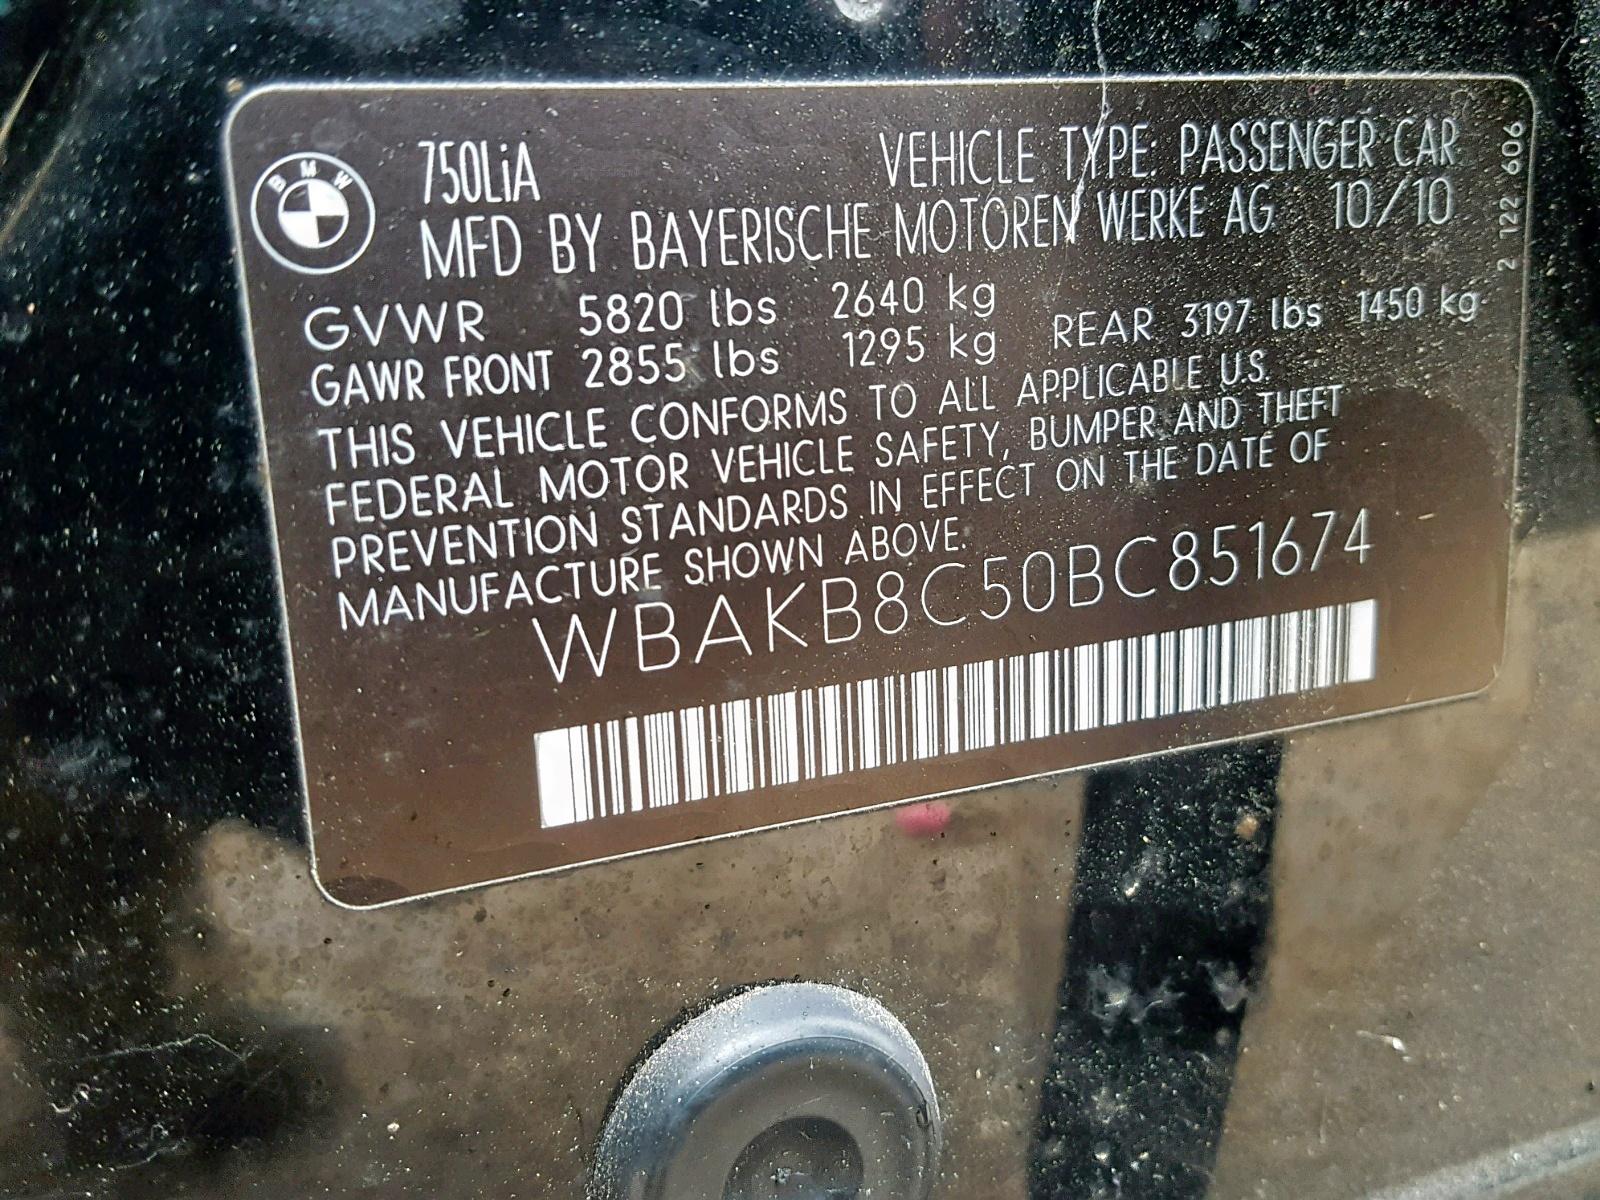 WBAKB8C50BC851674 - 2011 Bmw Alpina B7 4.4L